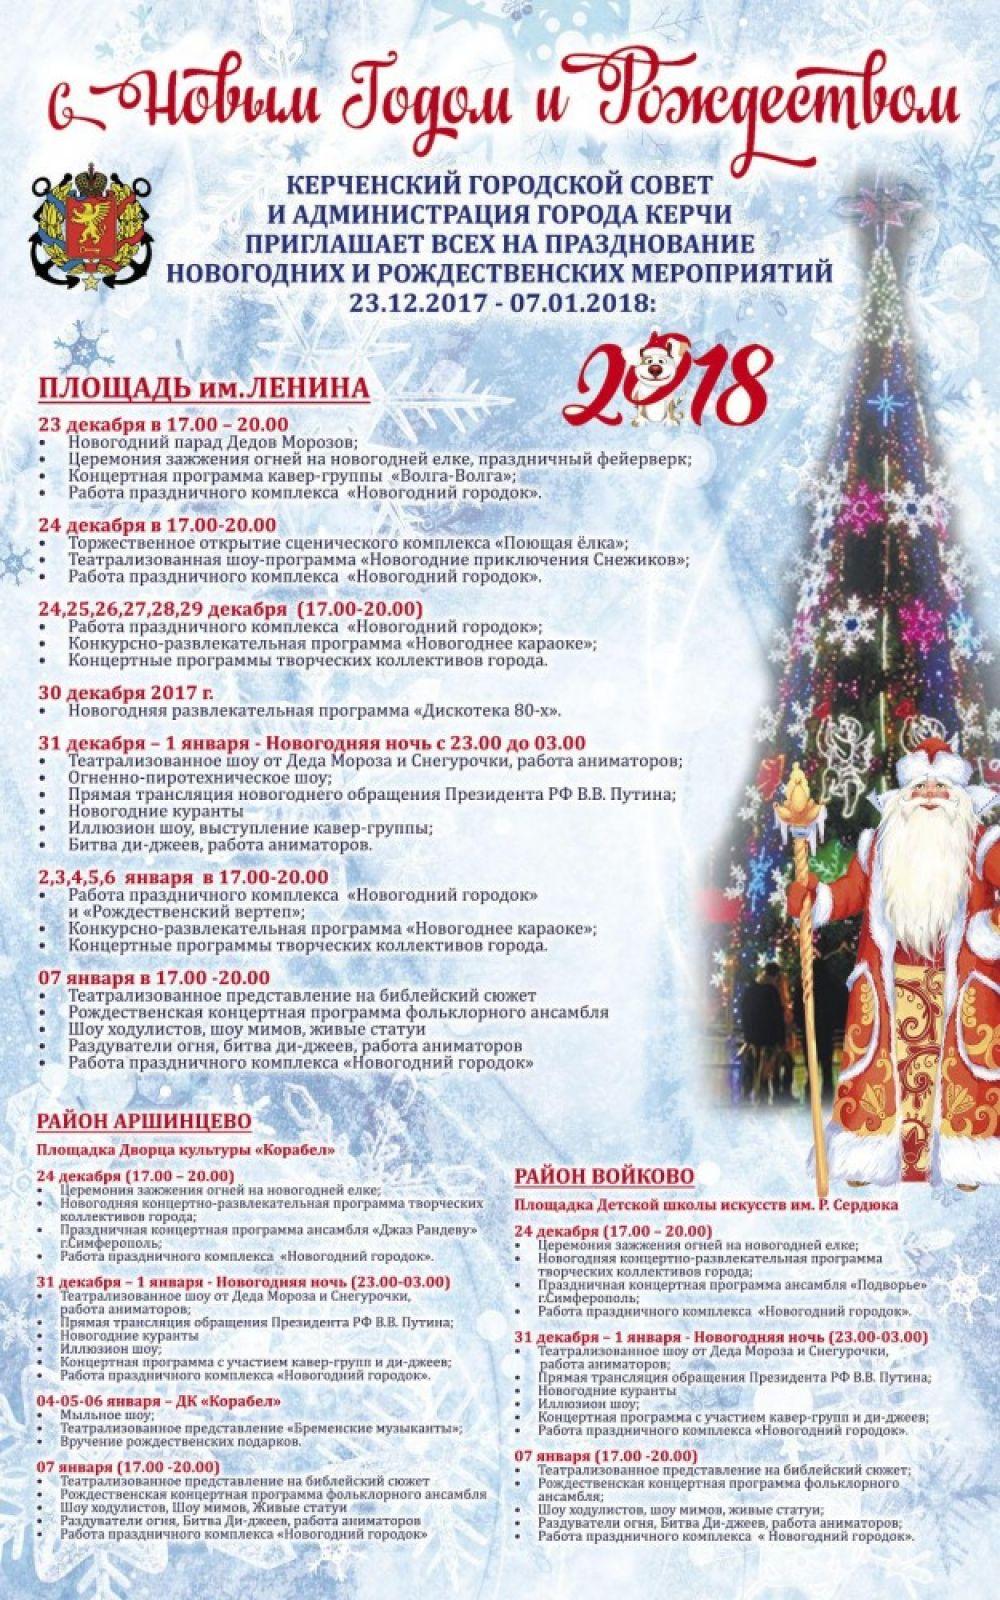 Стала известна программа празднования Нового года и Рождества в Керчи (АФИША)